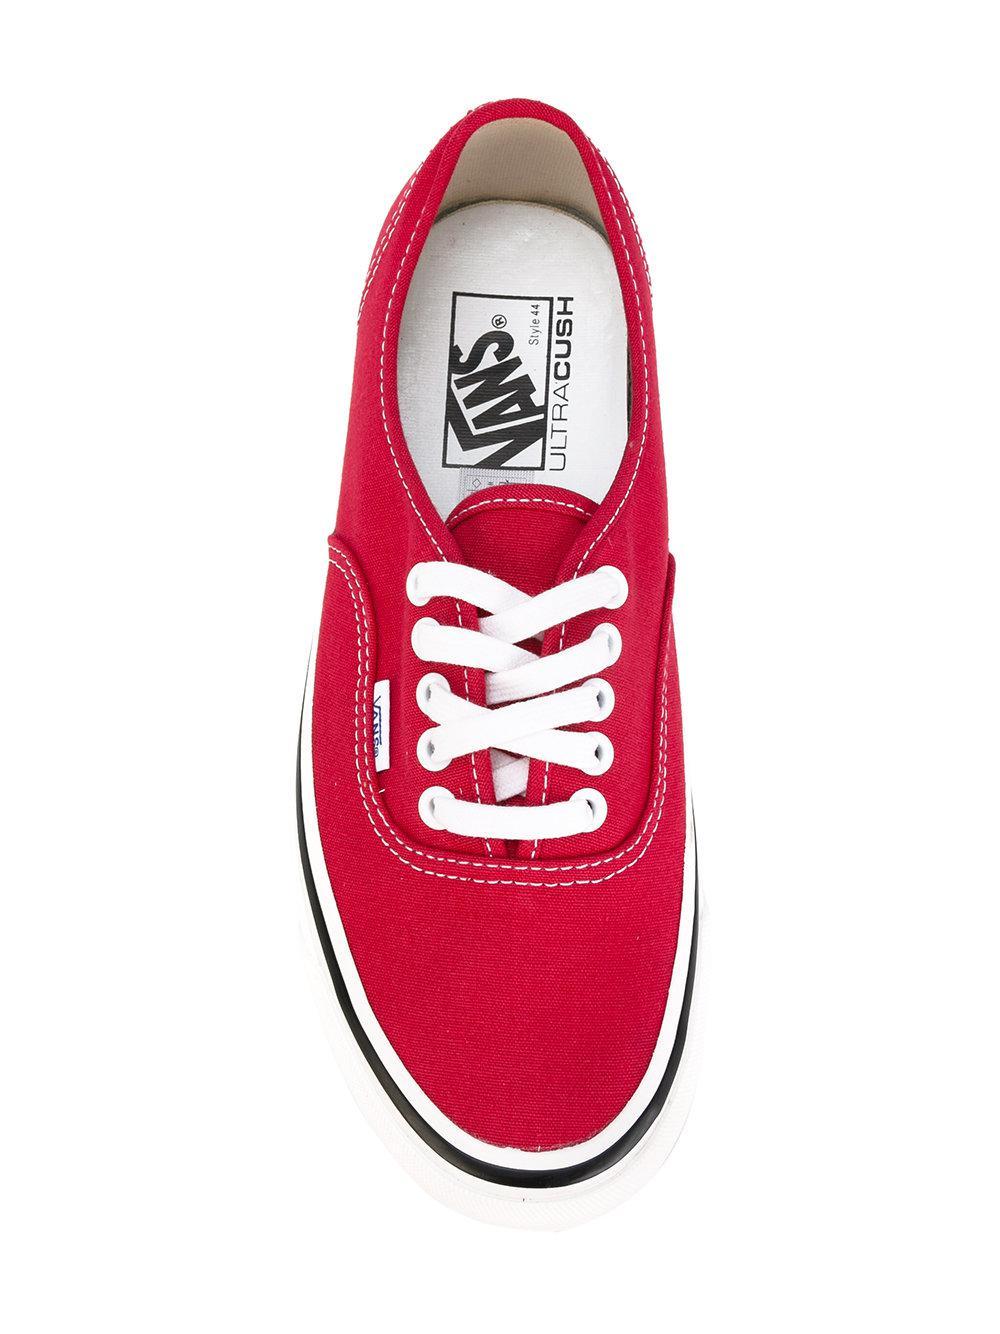 Vans Cotton Era Sneakers in Red